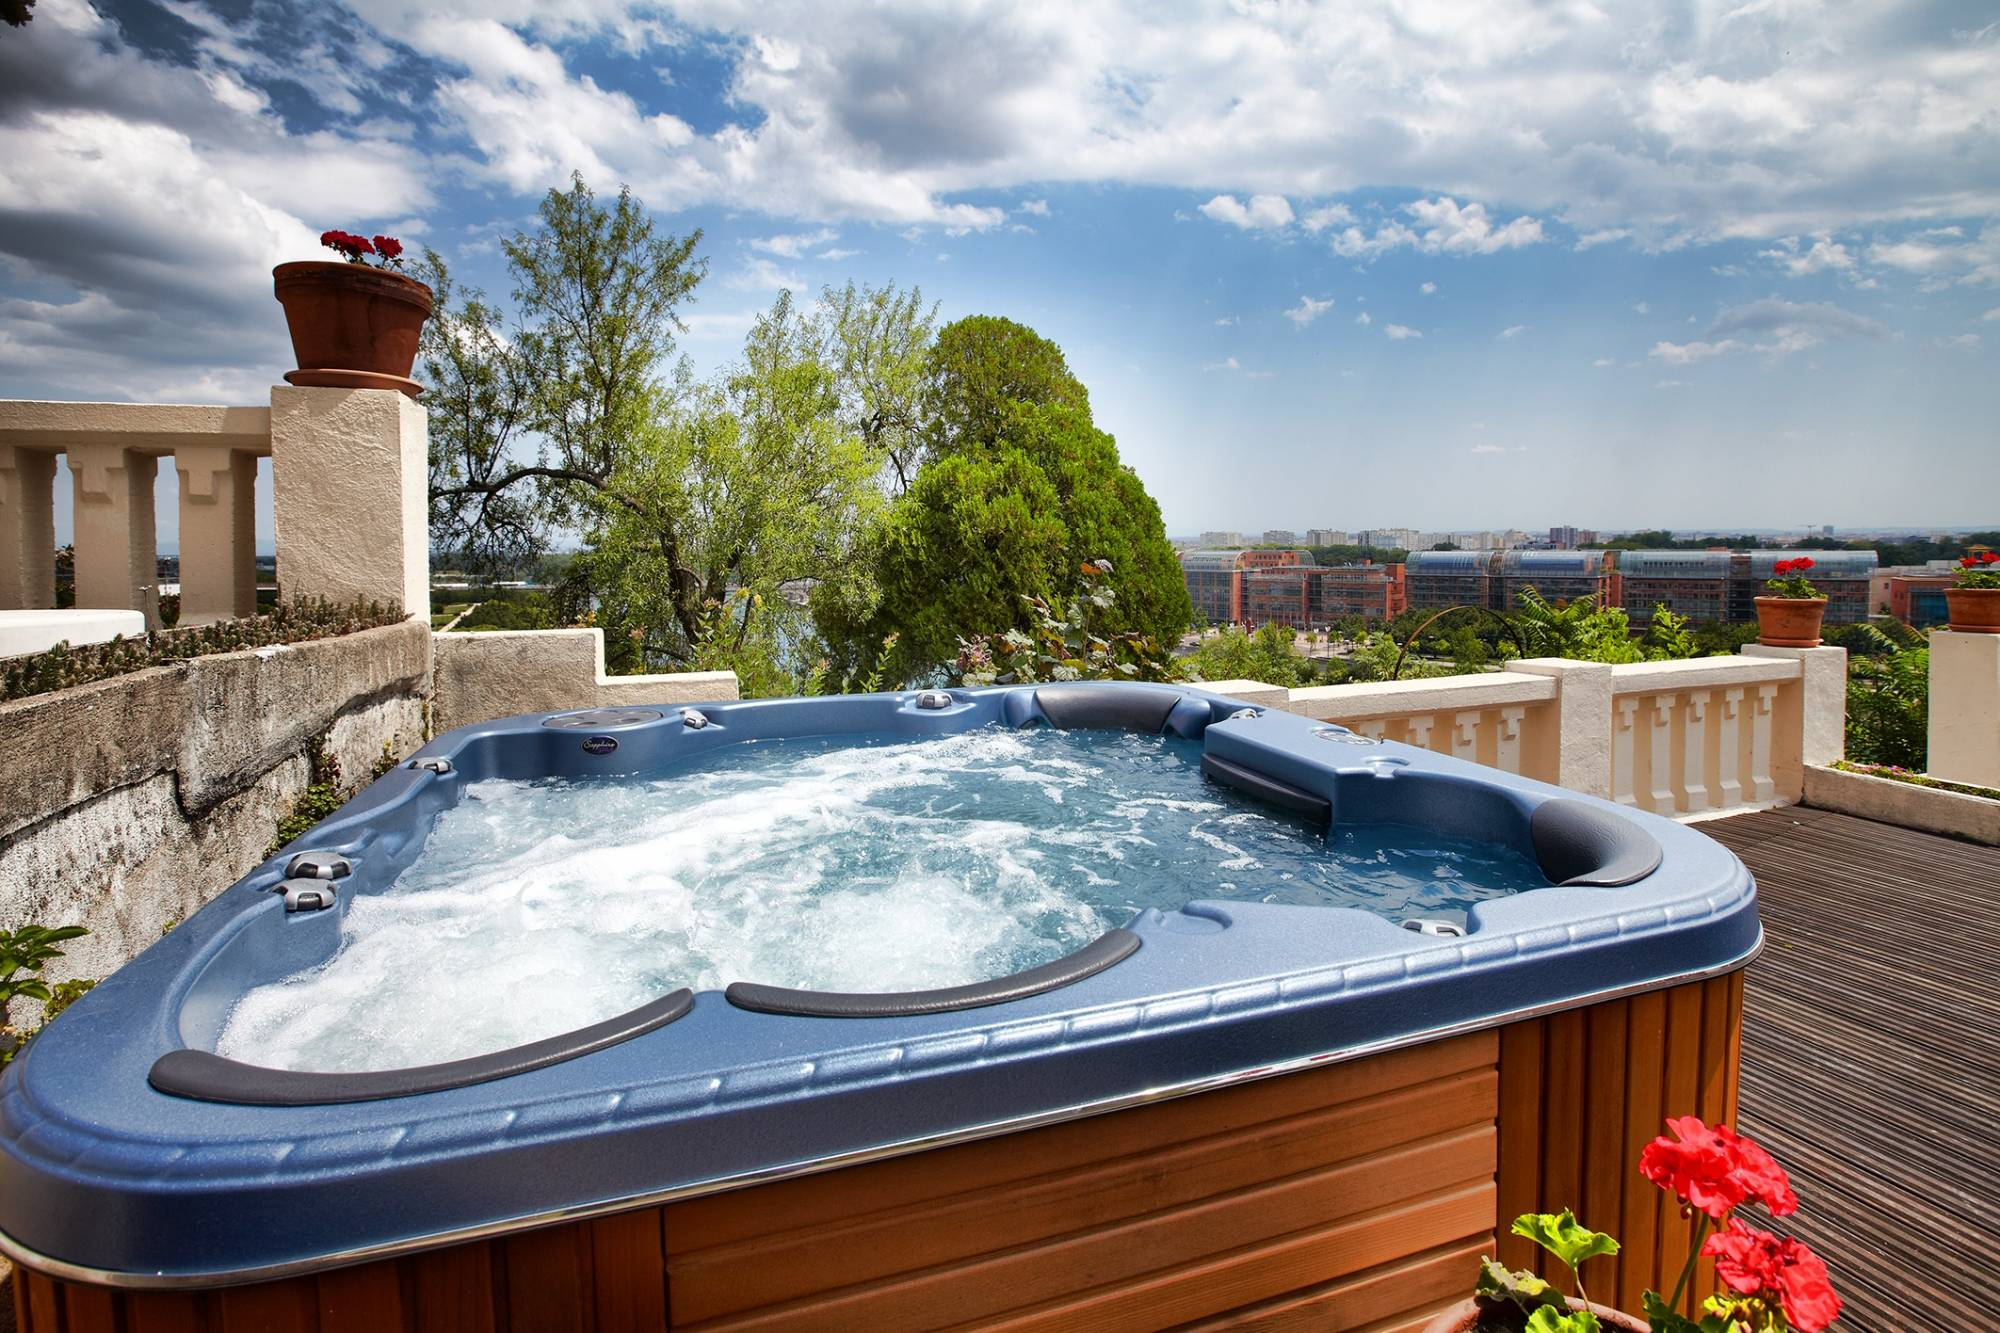 Créez votre centre de spa et offrez les meilleurs services à votre clientèle en collaborant avec Activ'Spas